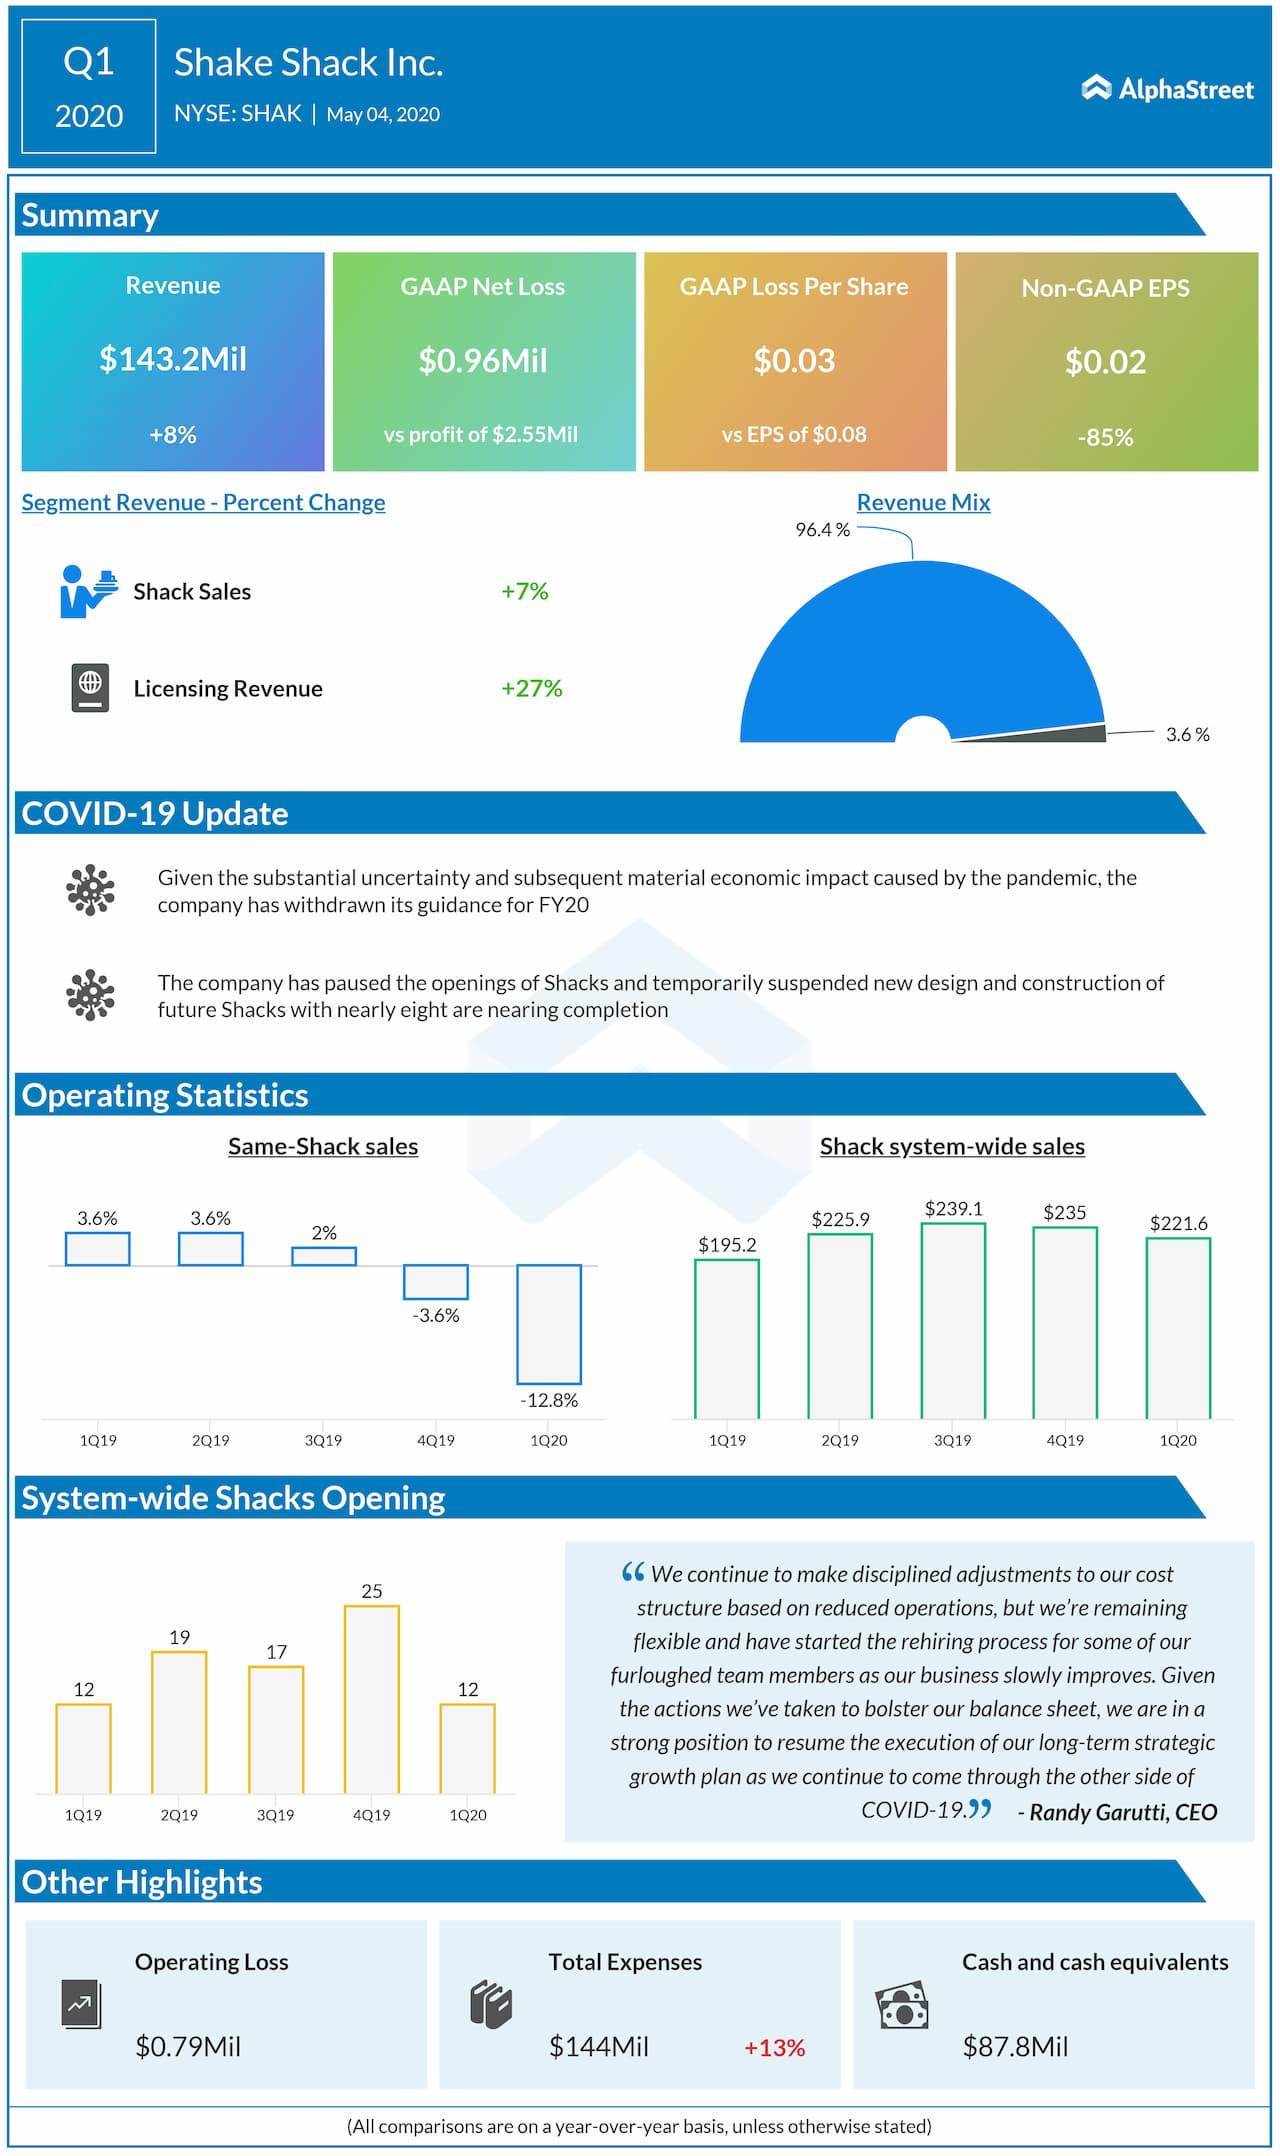 Shake Shack (SHAK) Q1 2020 earnings review